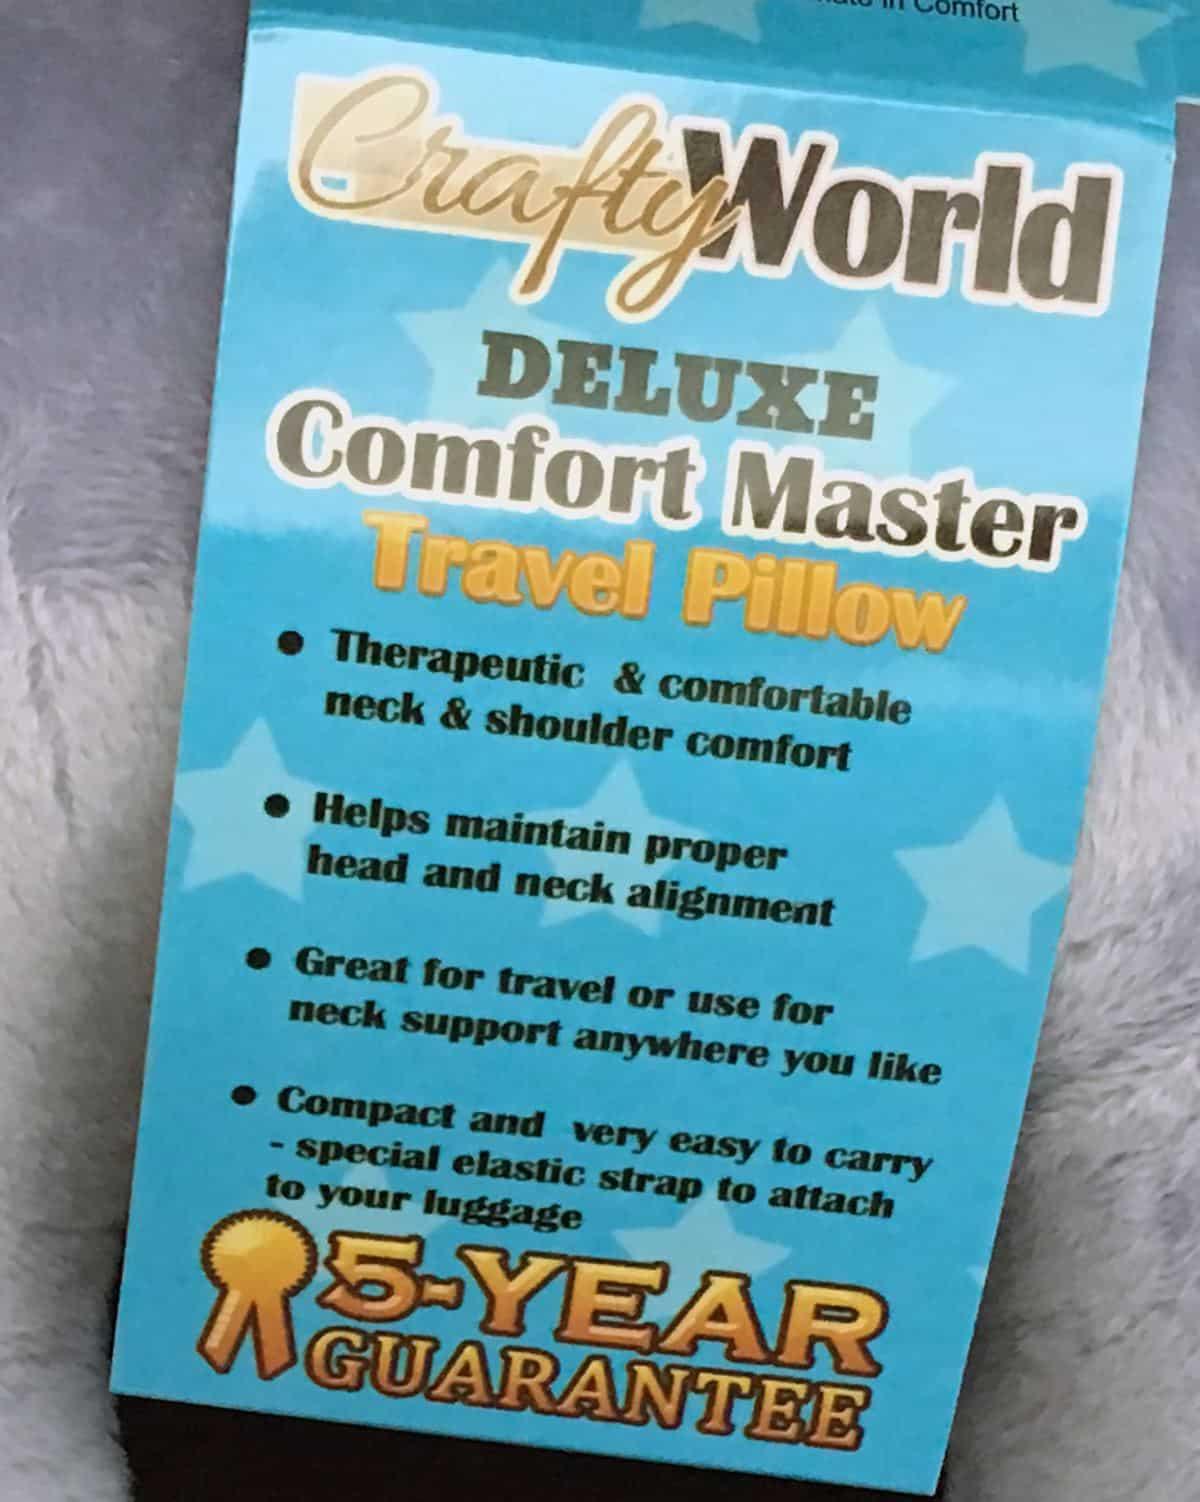 Comfort Master Memory Foam Travel Pillow Review